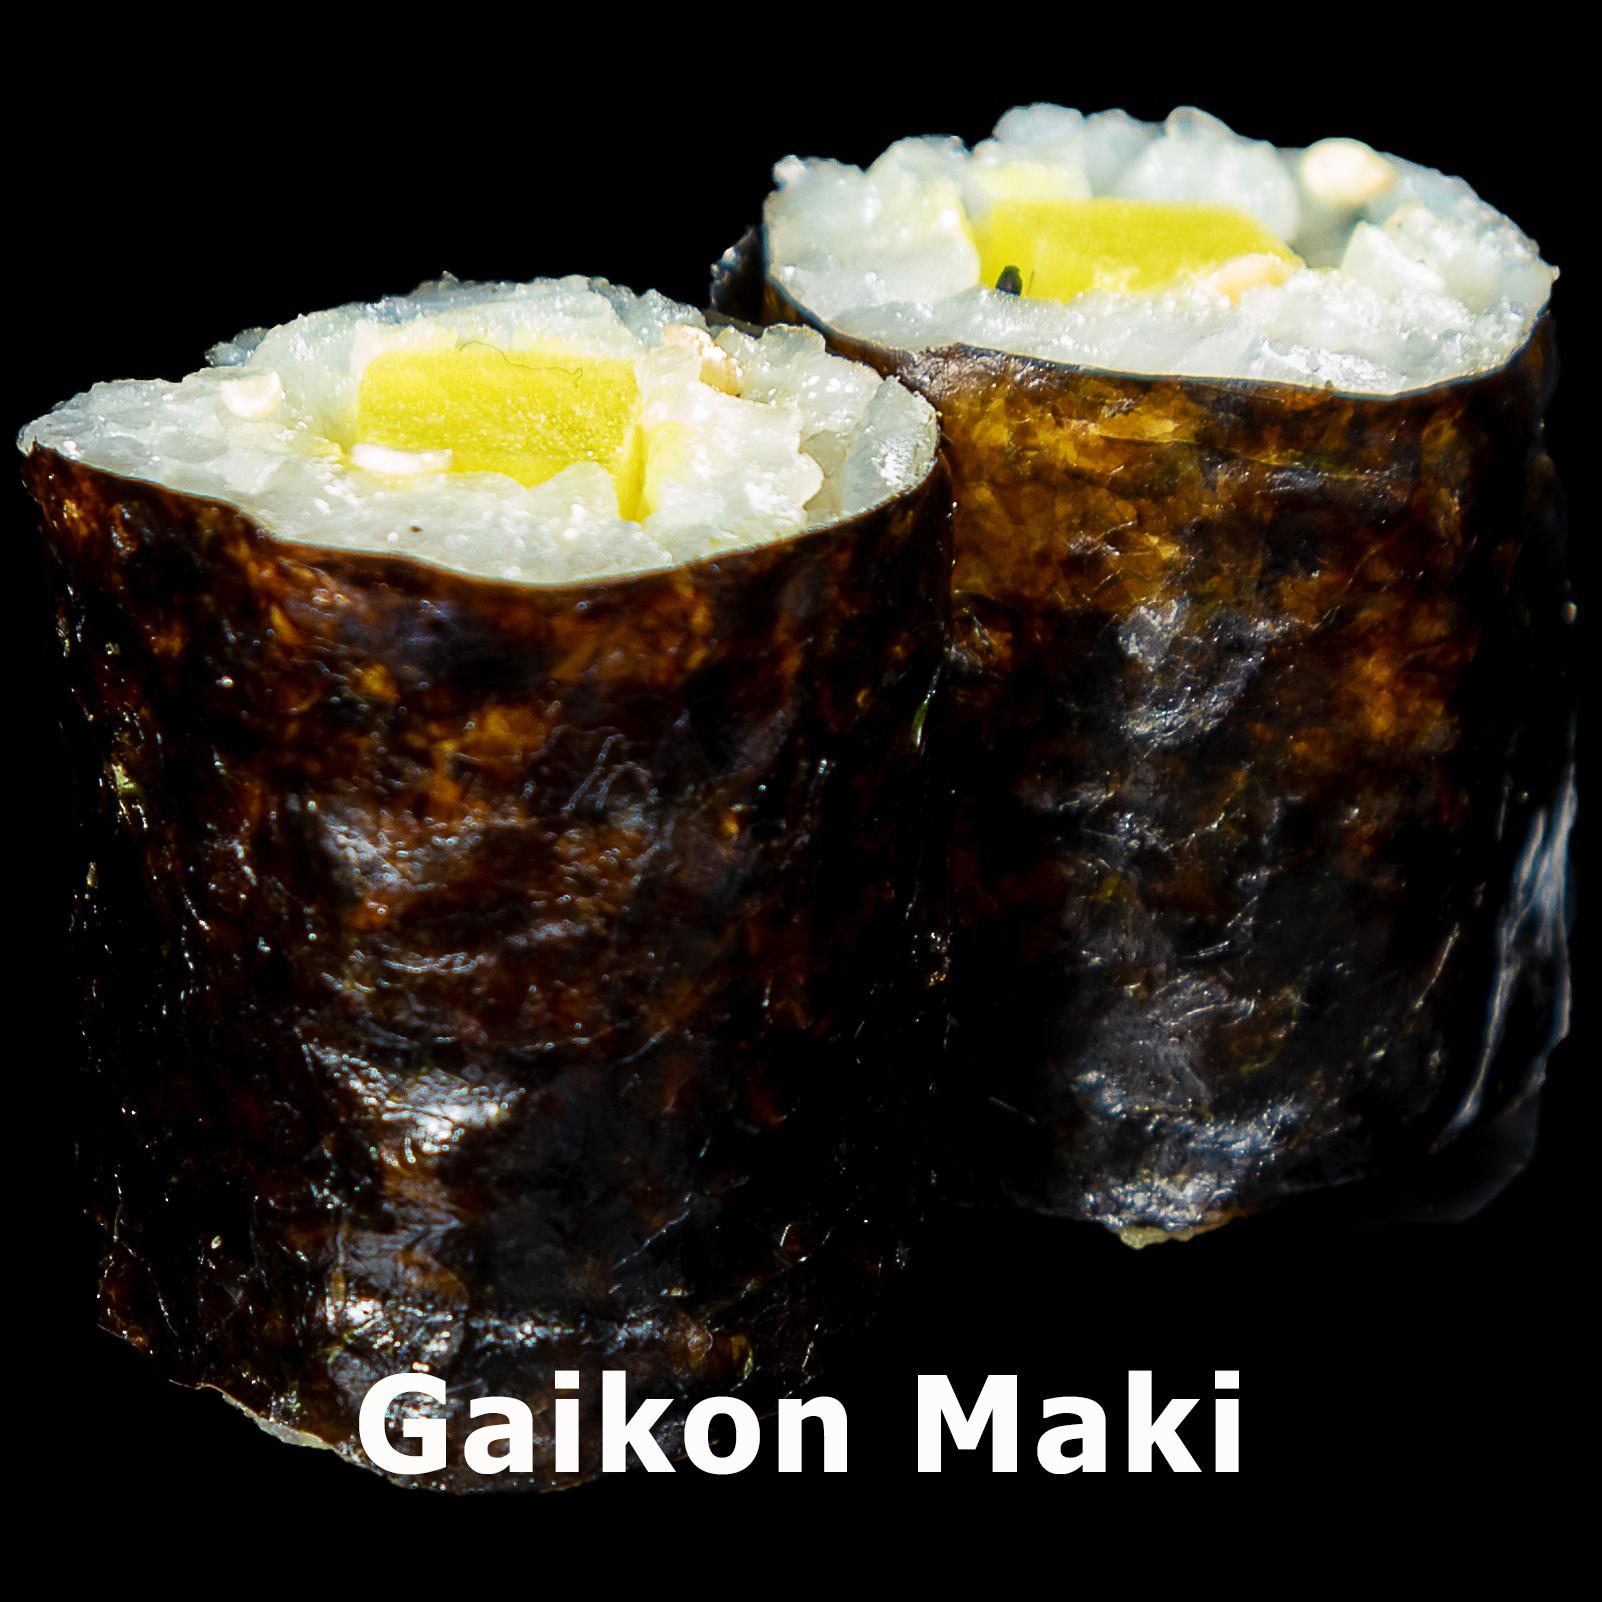 22. Gaikon Maki